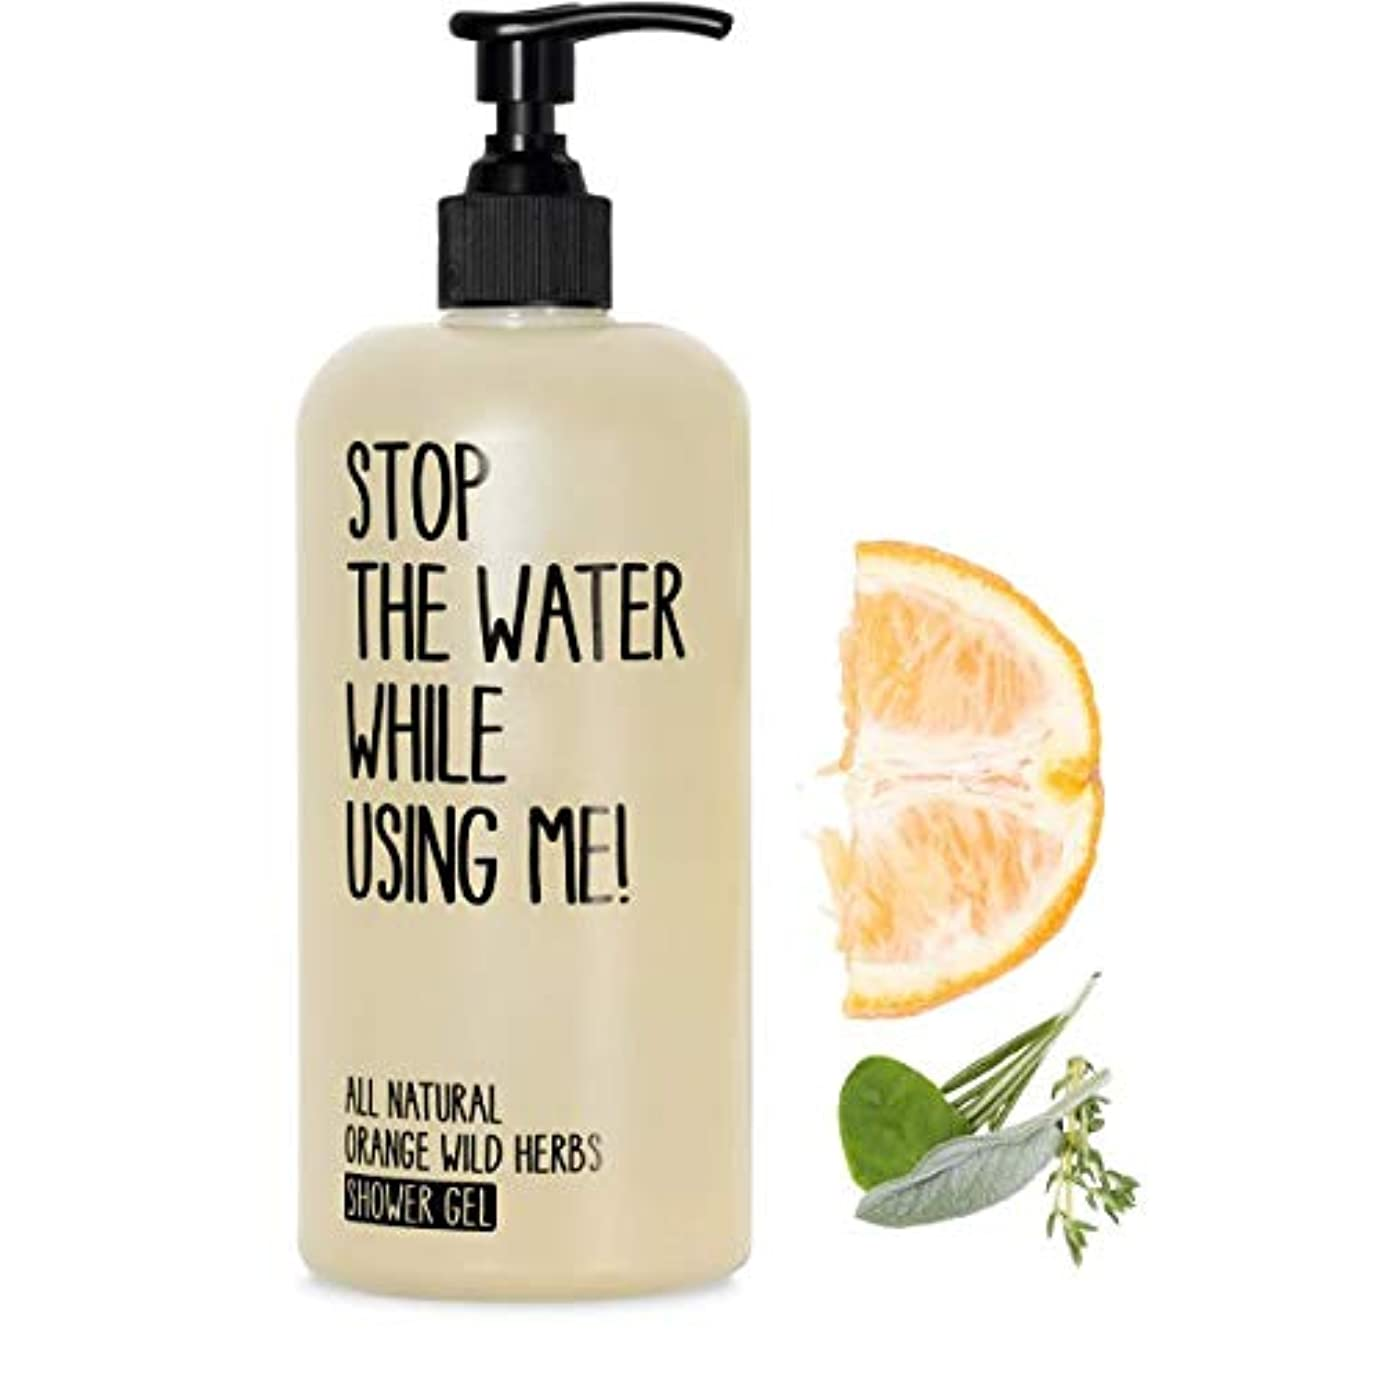 シャープ増強する長老【STOP THE WATER WHILE USING ME!】 O&WHシャワージェル(オレンジ&ワイルドハーブ) 200ml